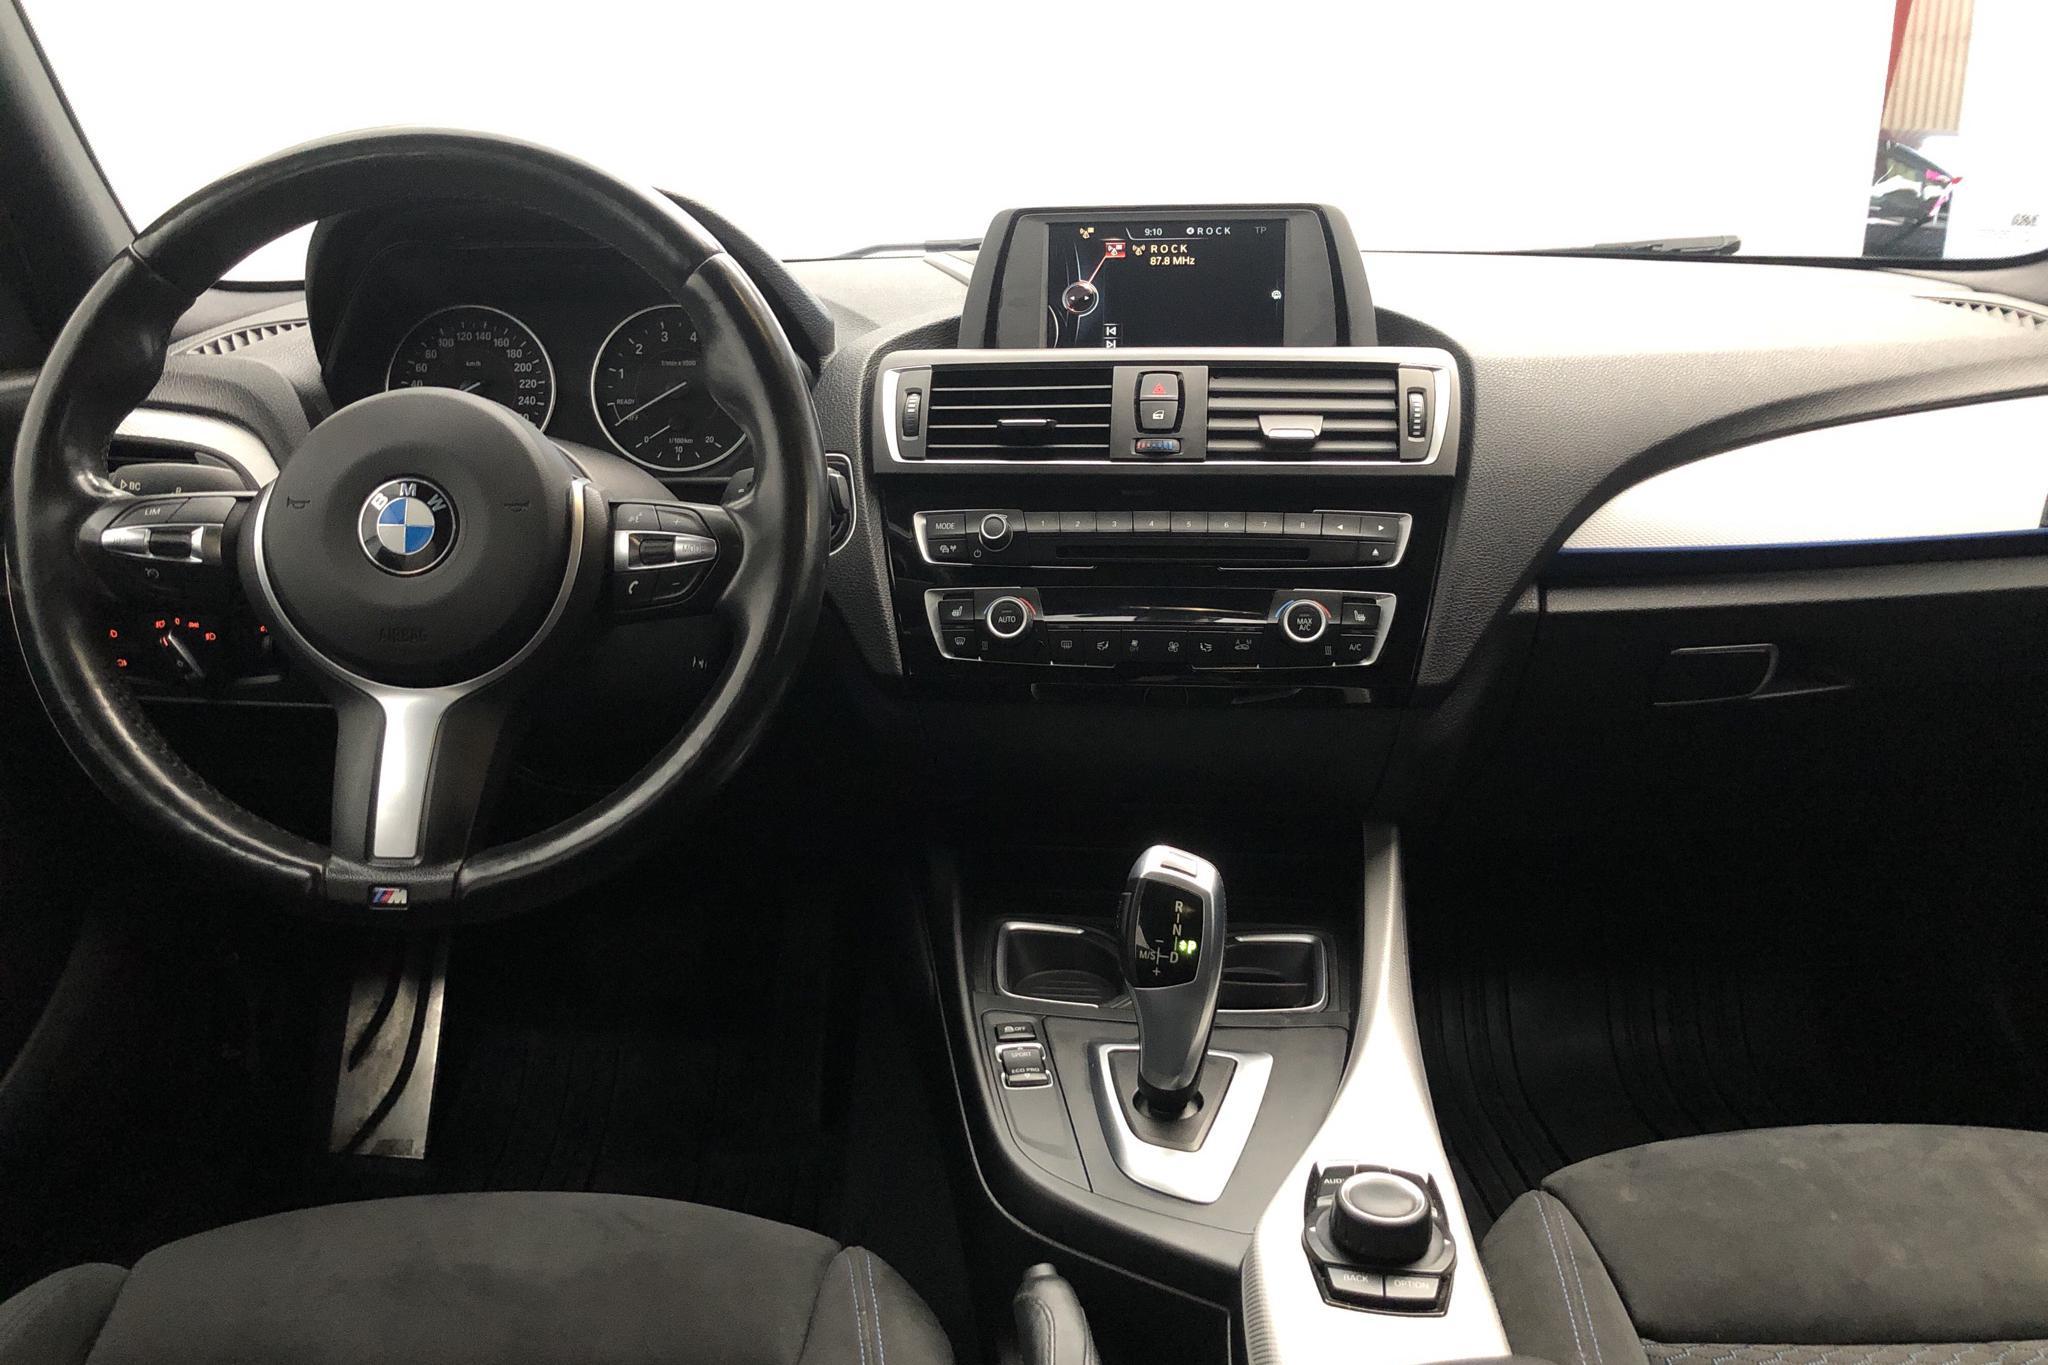 BMW 118i 5dr, F20 (136hk) - 8 910 mil - Automat - blå - 2016